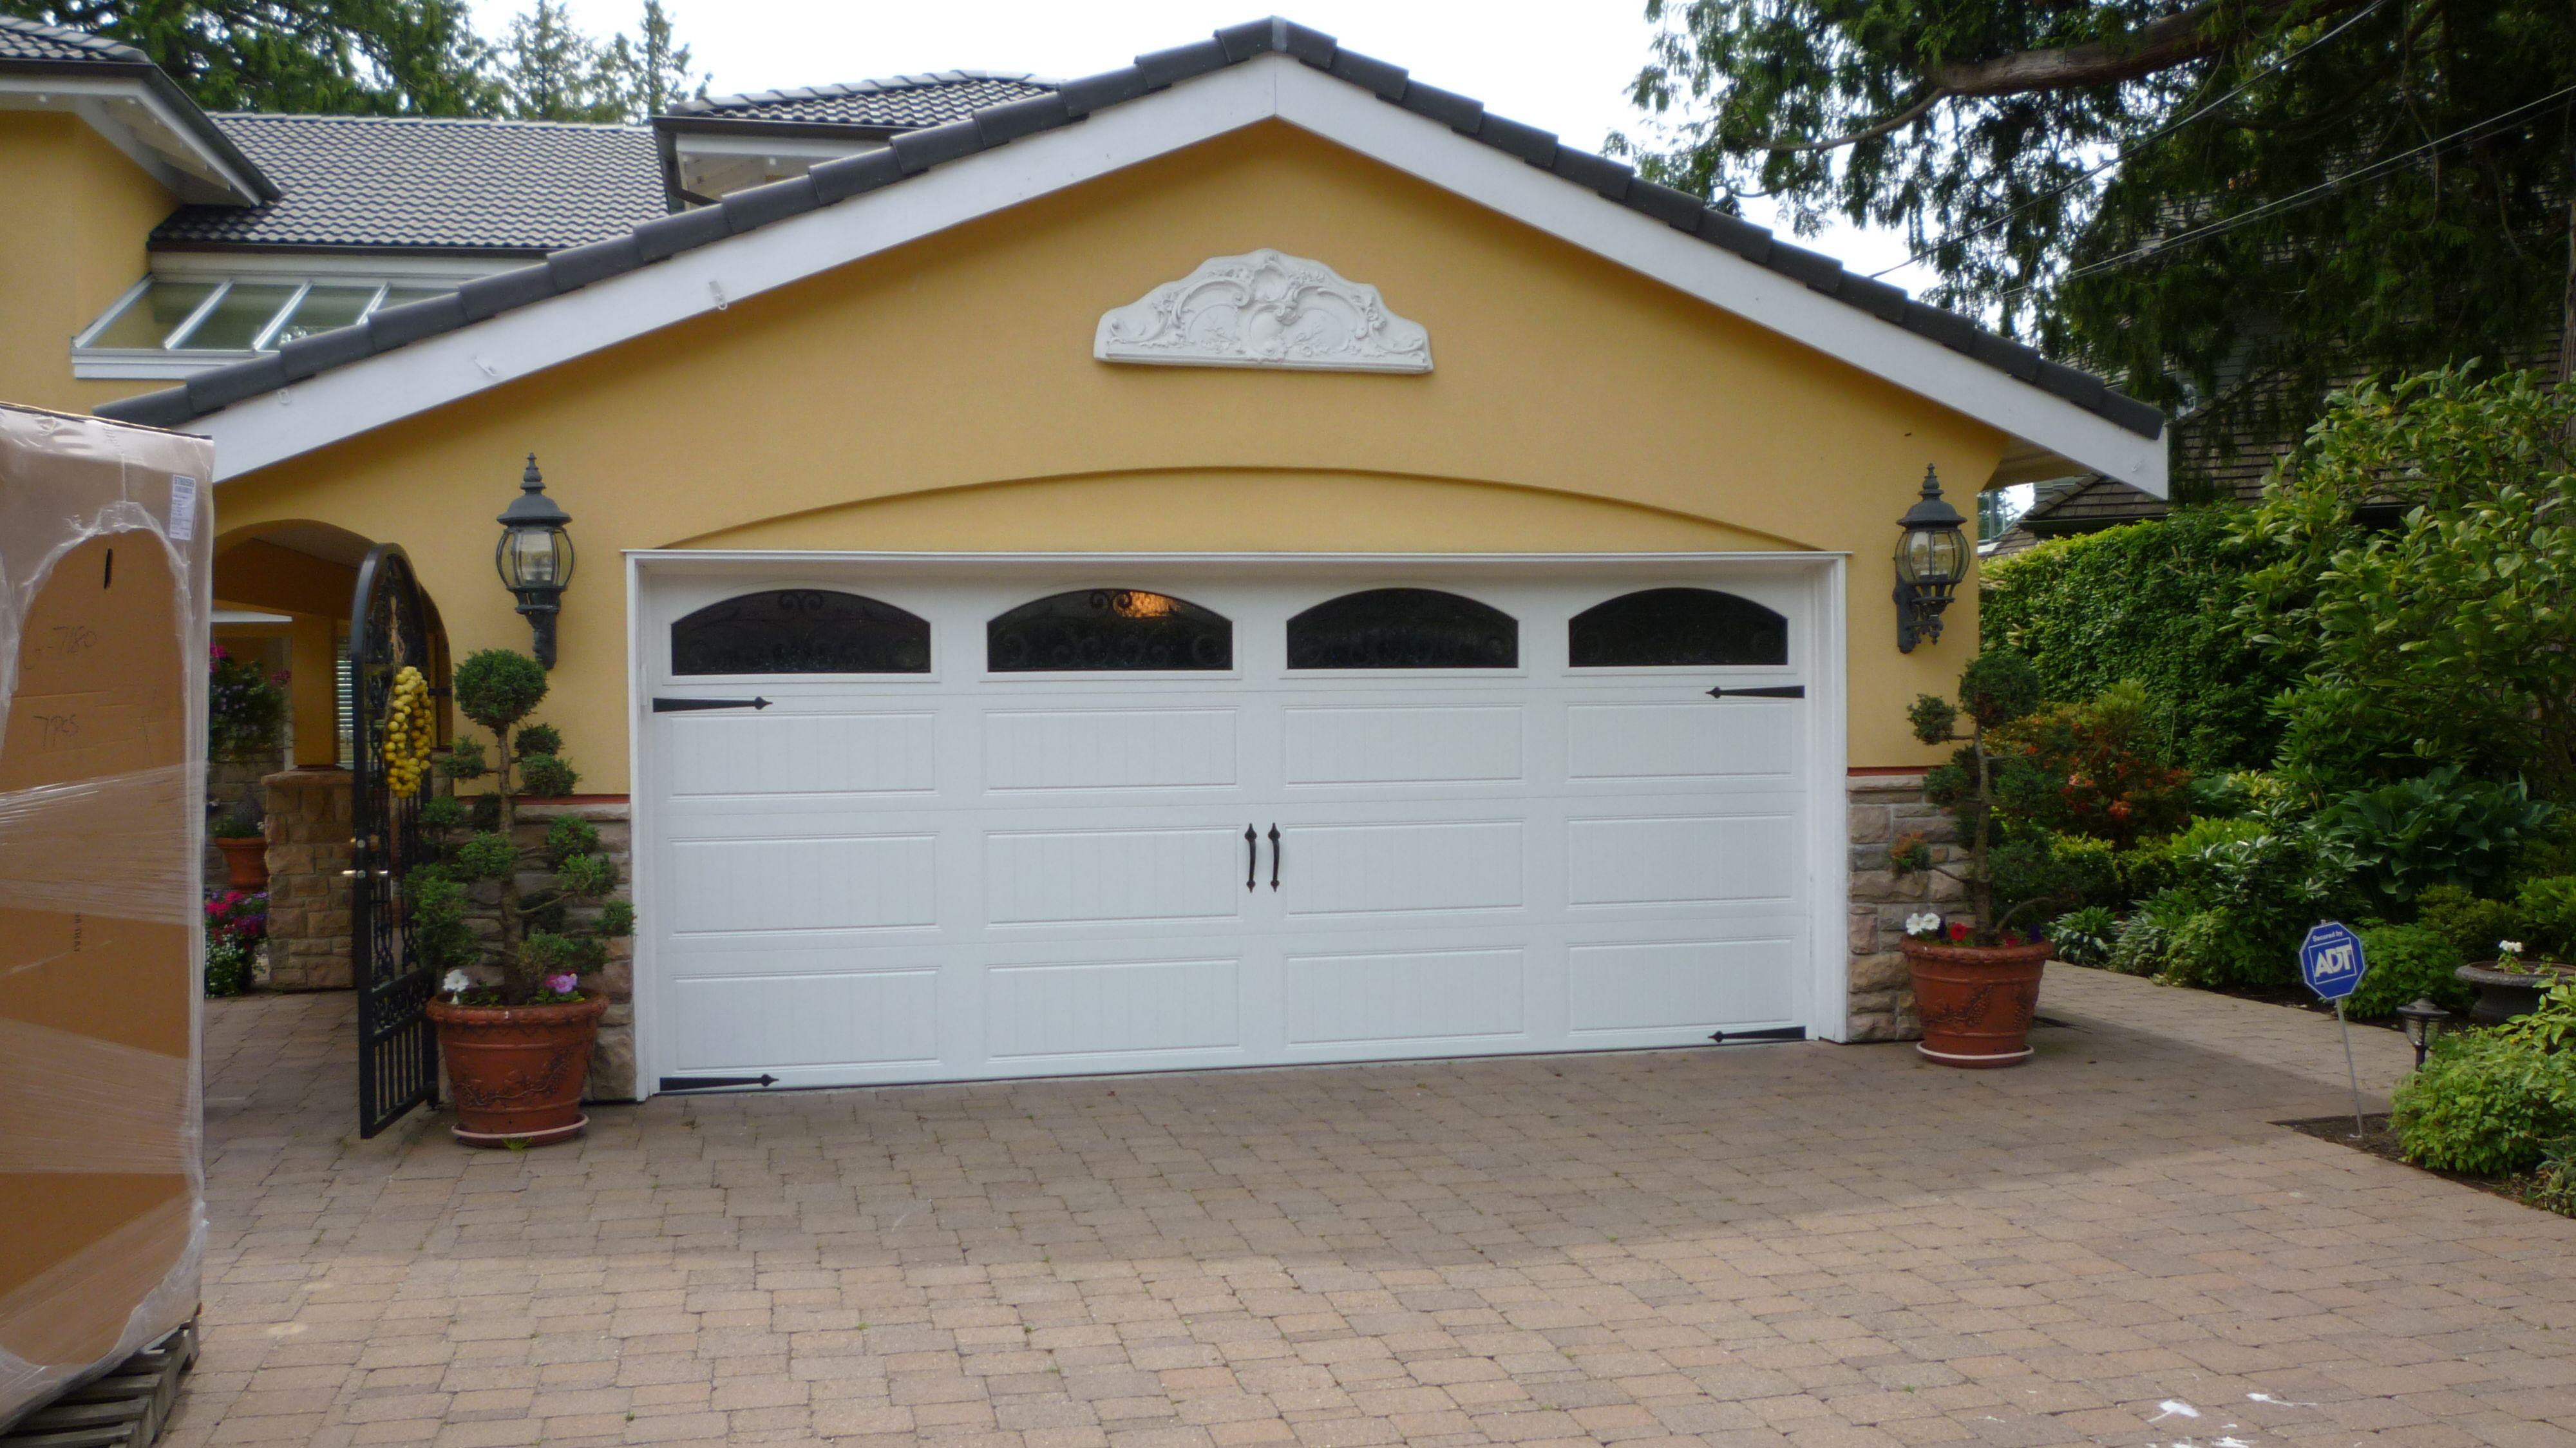 18 14 Ft Overhead Insulated Door Nice Home Design